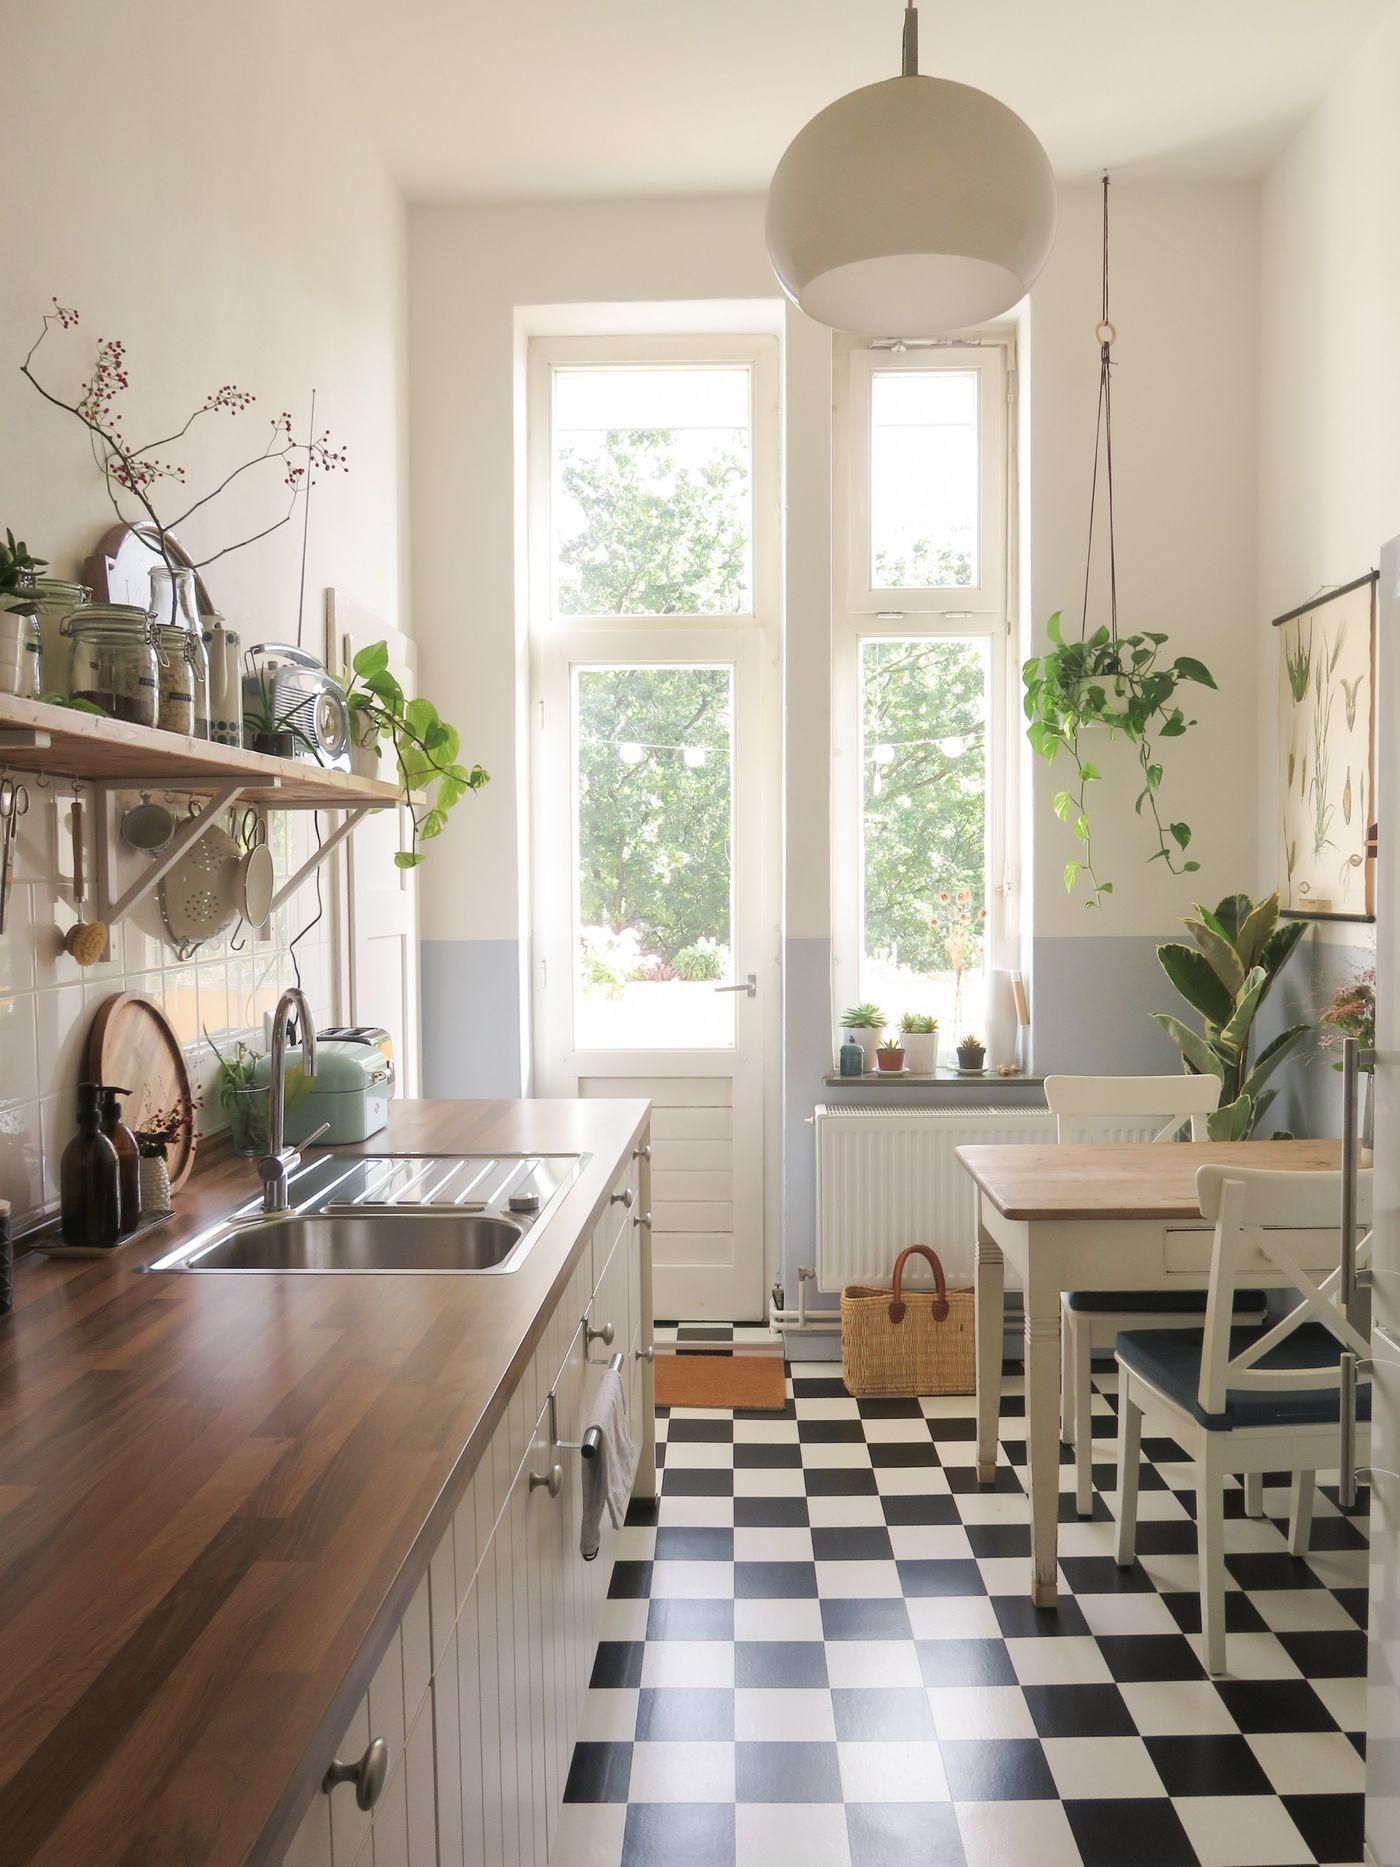 Full Size of Küche Einrichten Spiele Küche Einrichten Ideen Kleine Schmale Küche Einrichten Ferienwohnung Küche Einrichten Küche Küche Einrichten